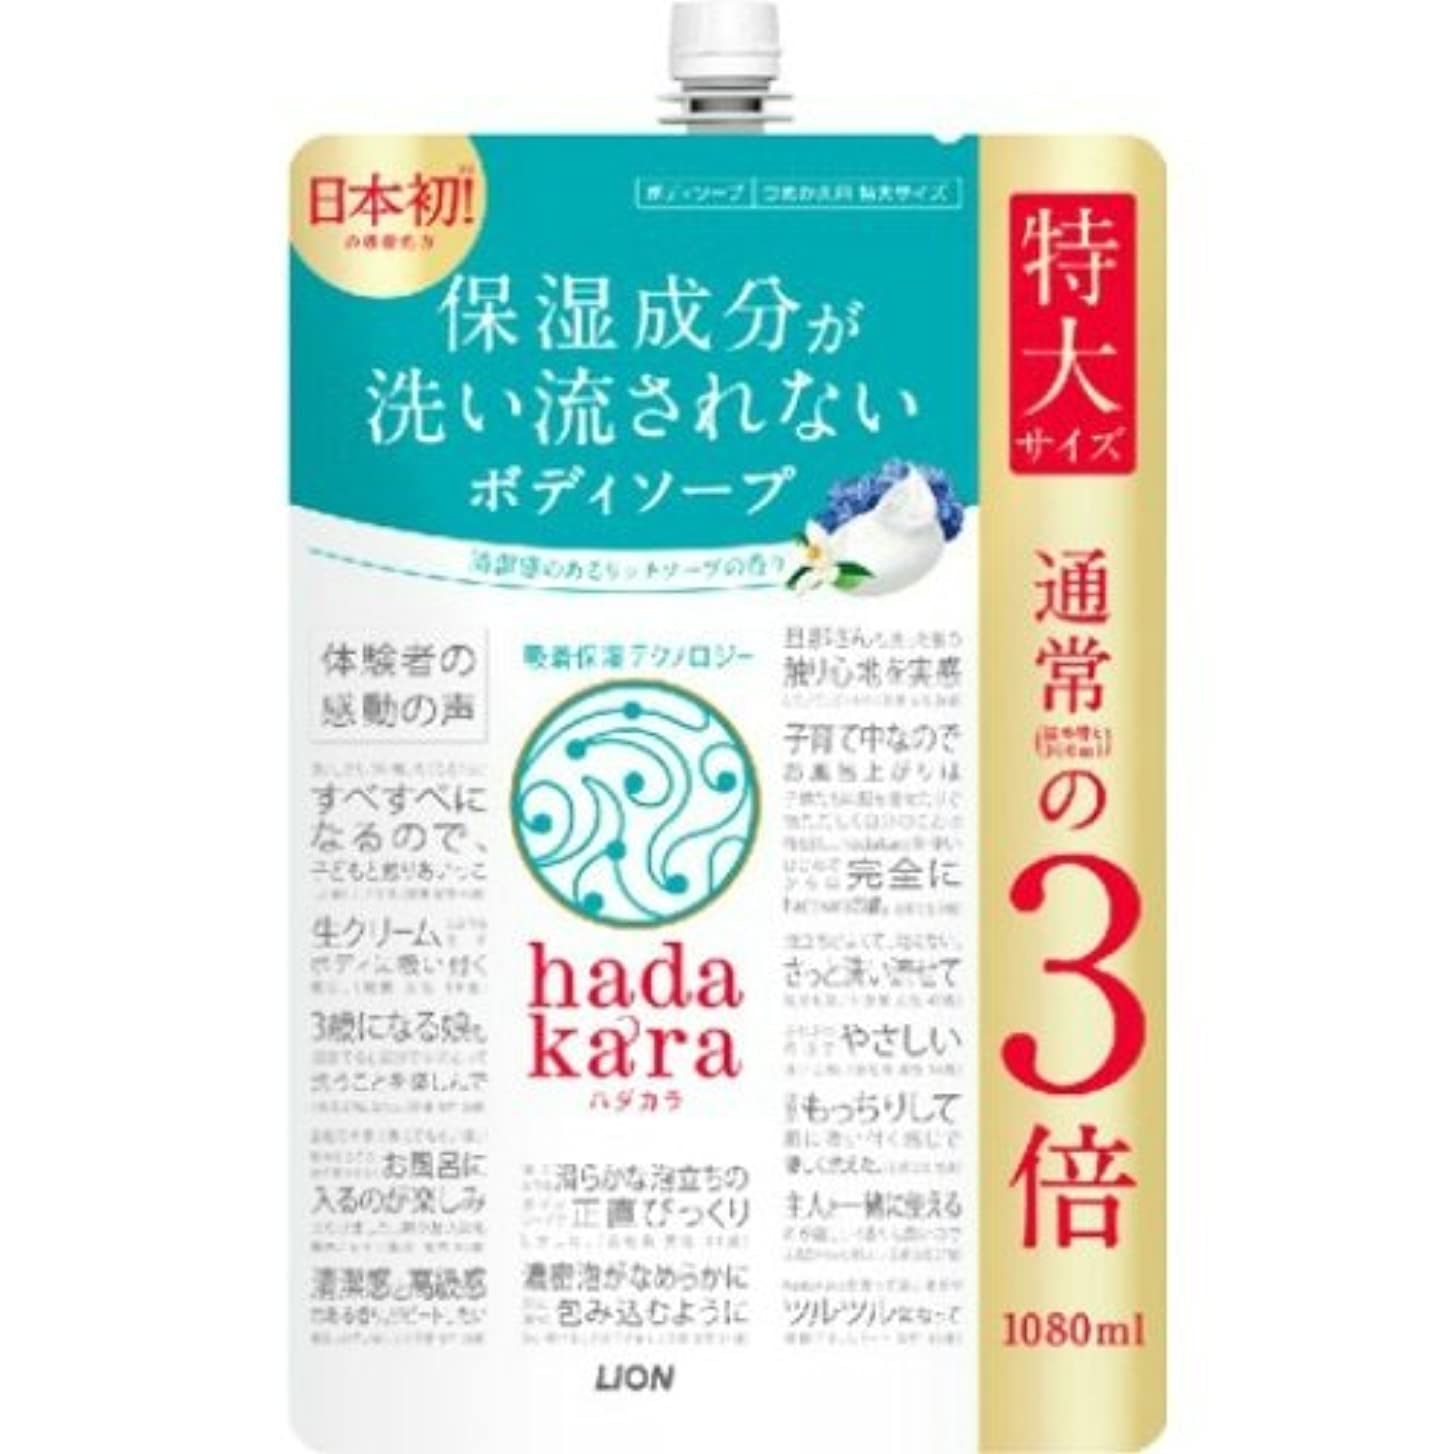 養うトランペット幸運なことにLION ライオン hadakara ハダカラ ボディソープ リッチソープの香り つめかえ用 特大サイズ 1080ml ×3点セット(4903301260882)